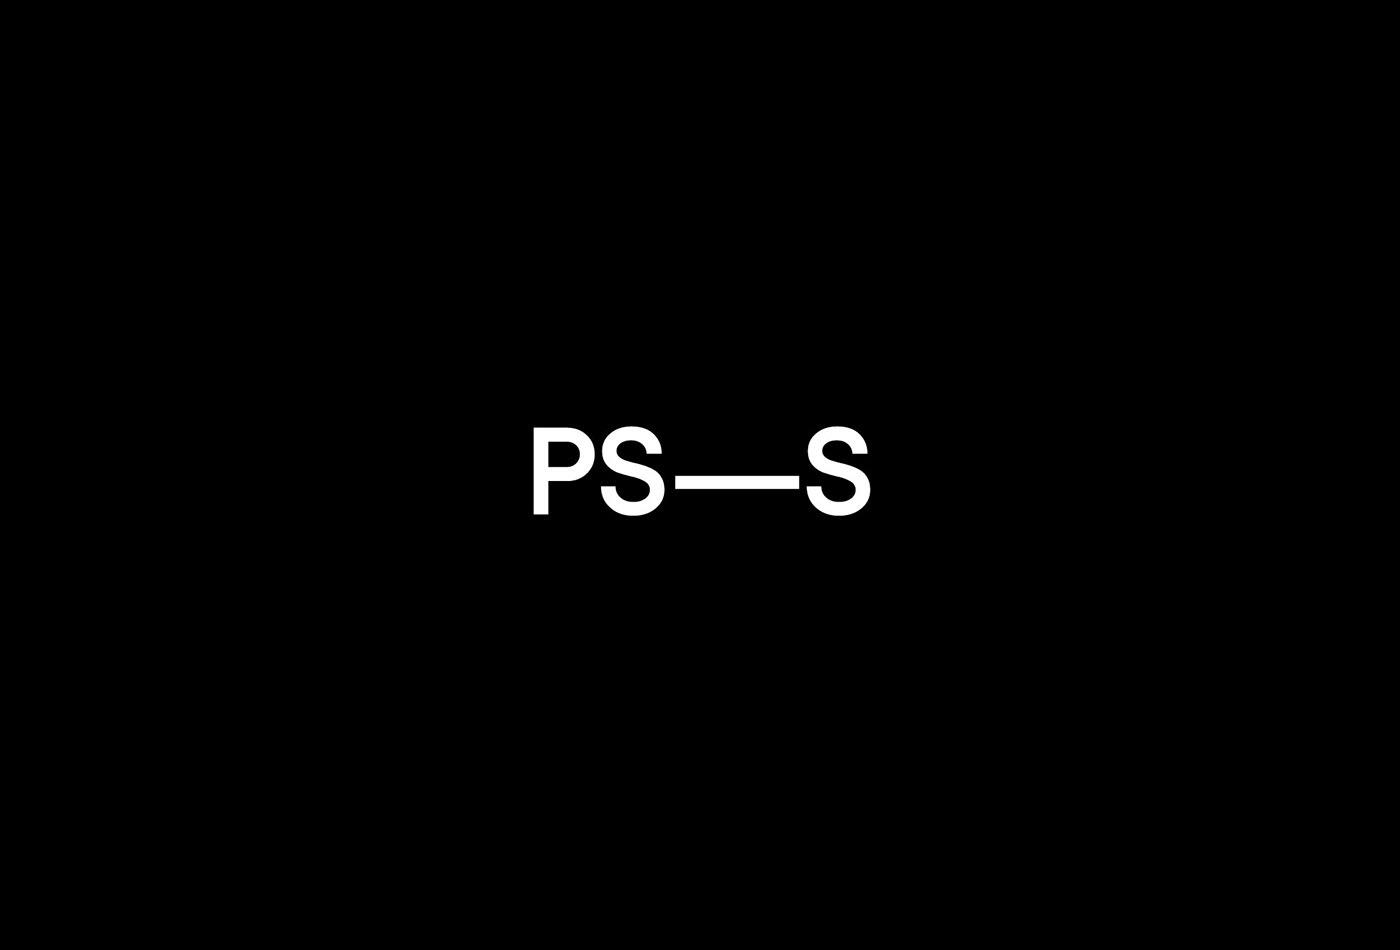 5 Projets de Branding, d'Identité ou de Redesign à voir #31